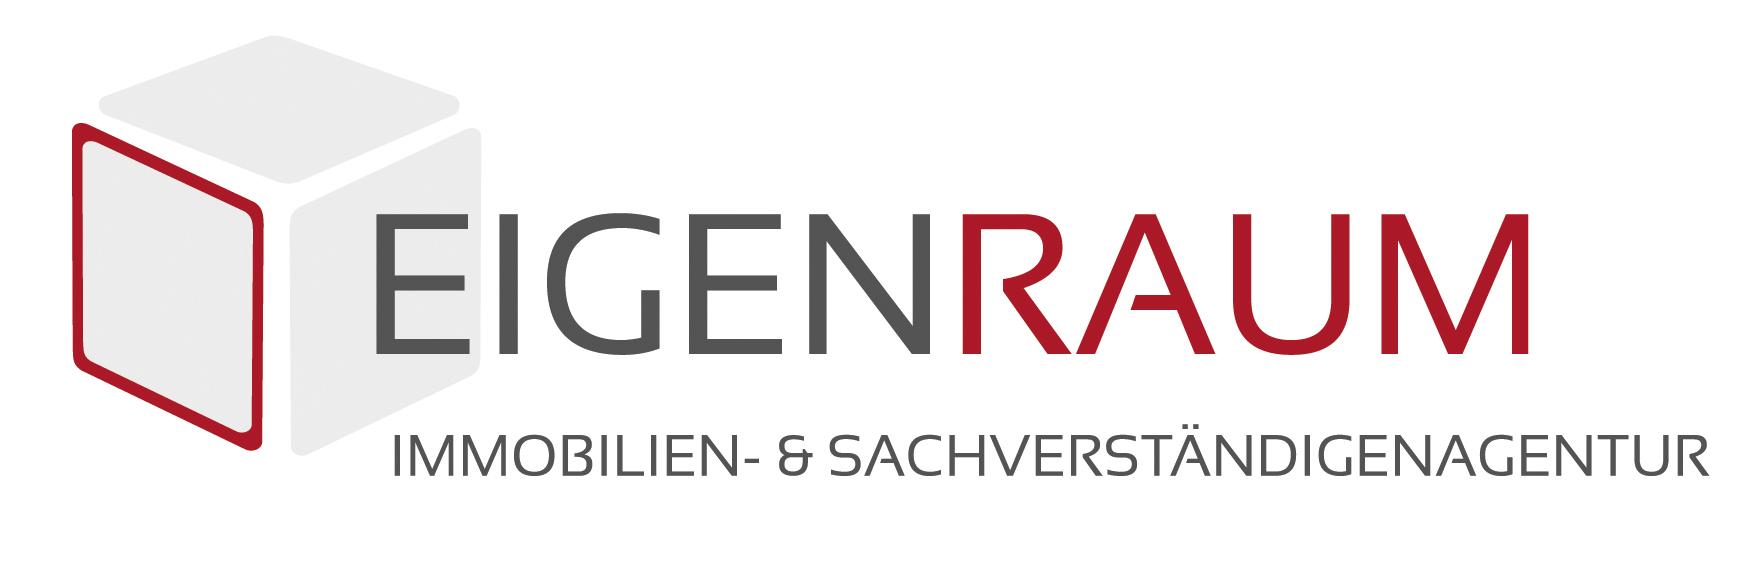 Hier sehen Sie das Logo von EIGENRAUM Immobilien- & Sachverständigenagentur